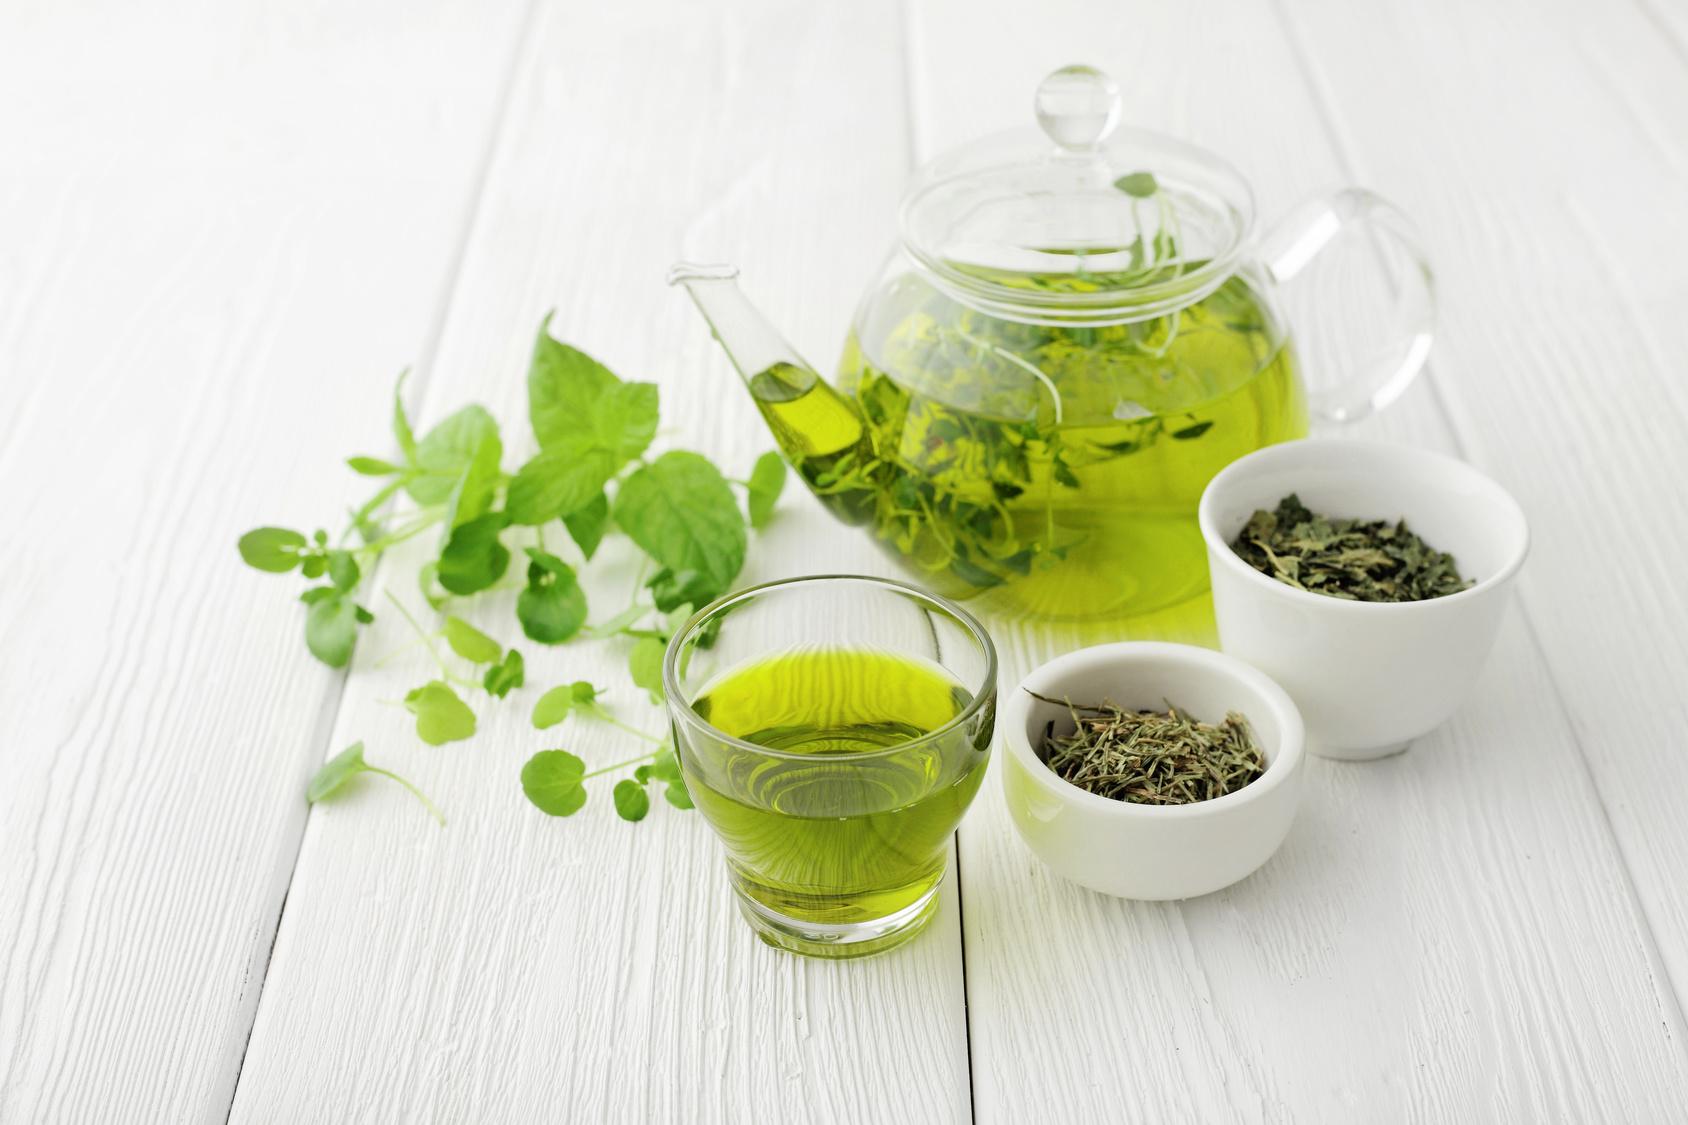 Tè verde, gli integratori un possibile rischio per la salute ...